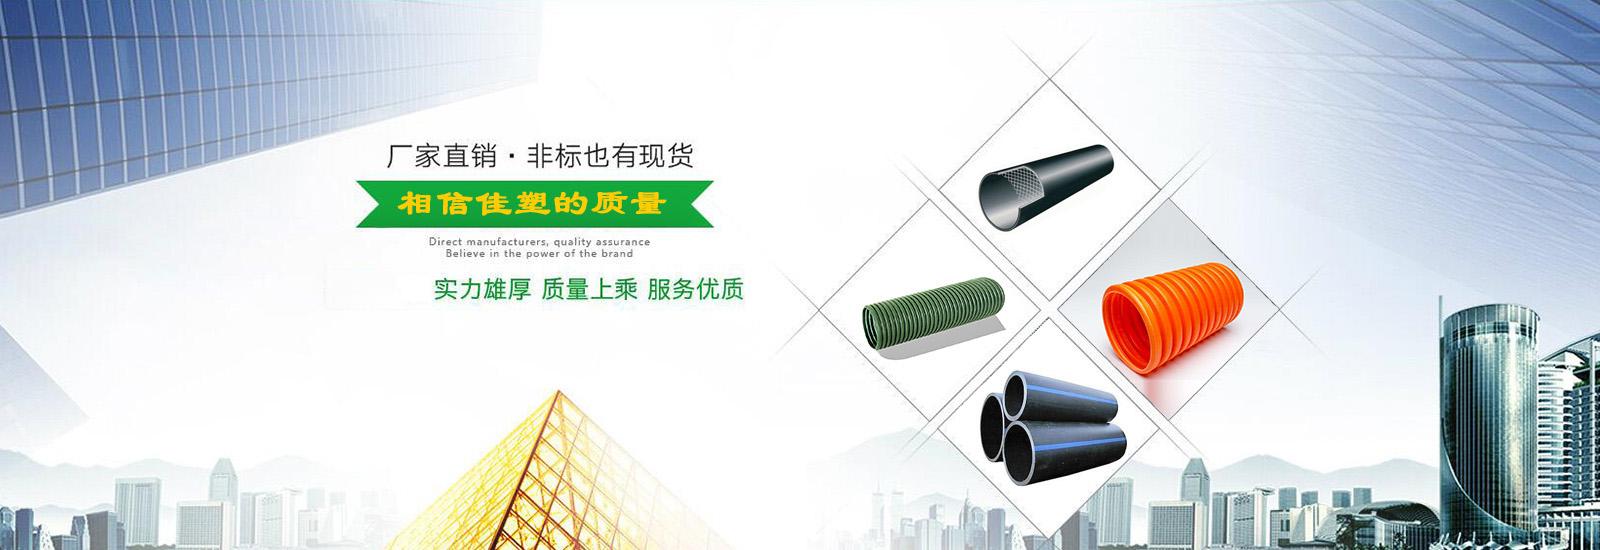 貴州塑膠管材